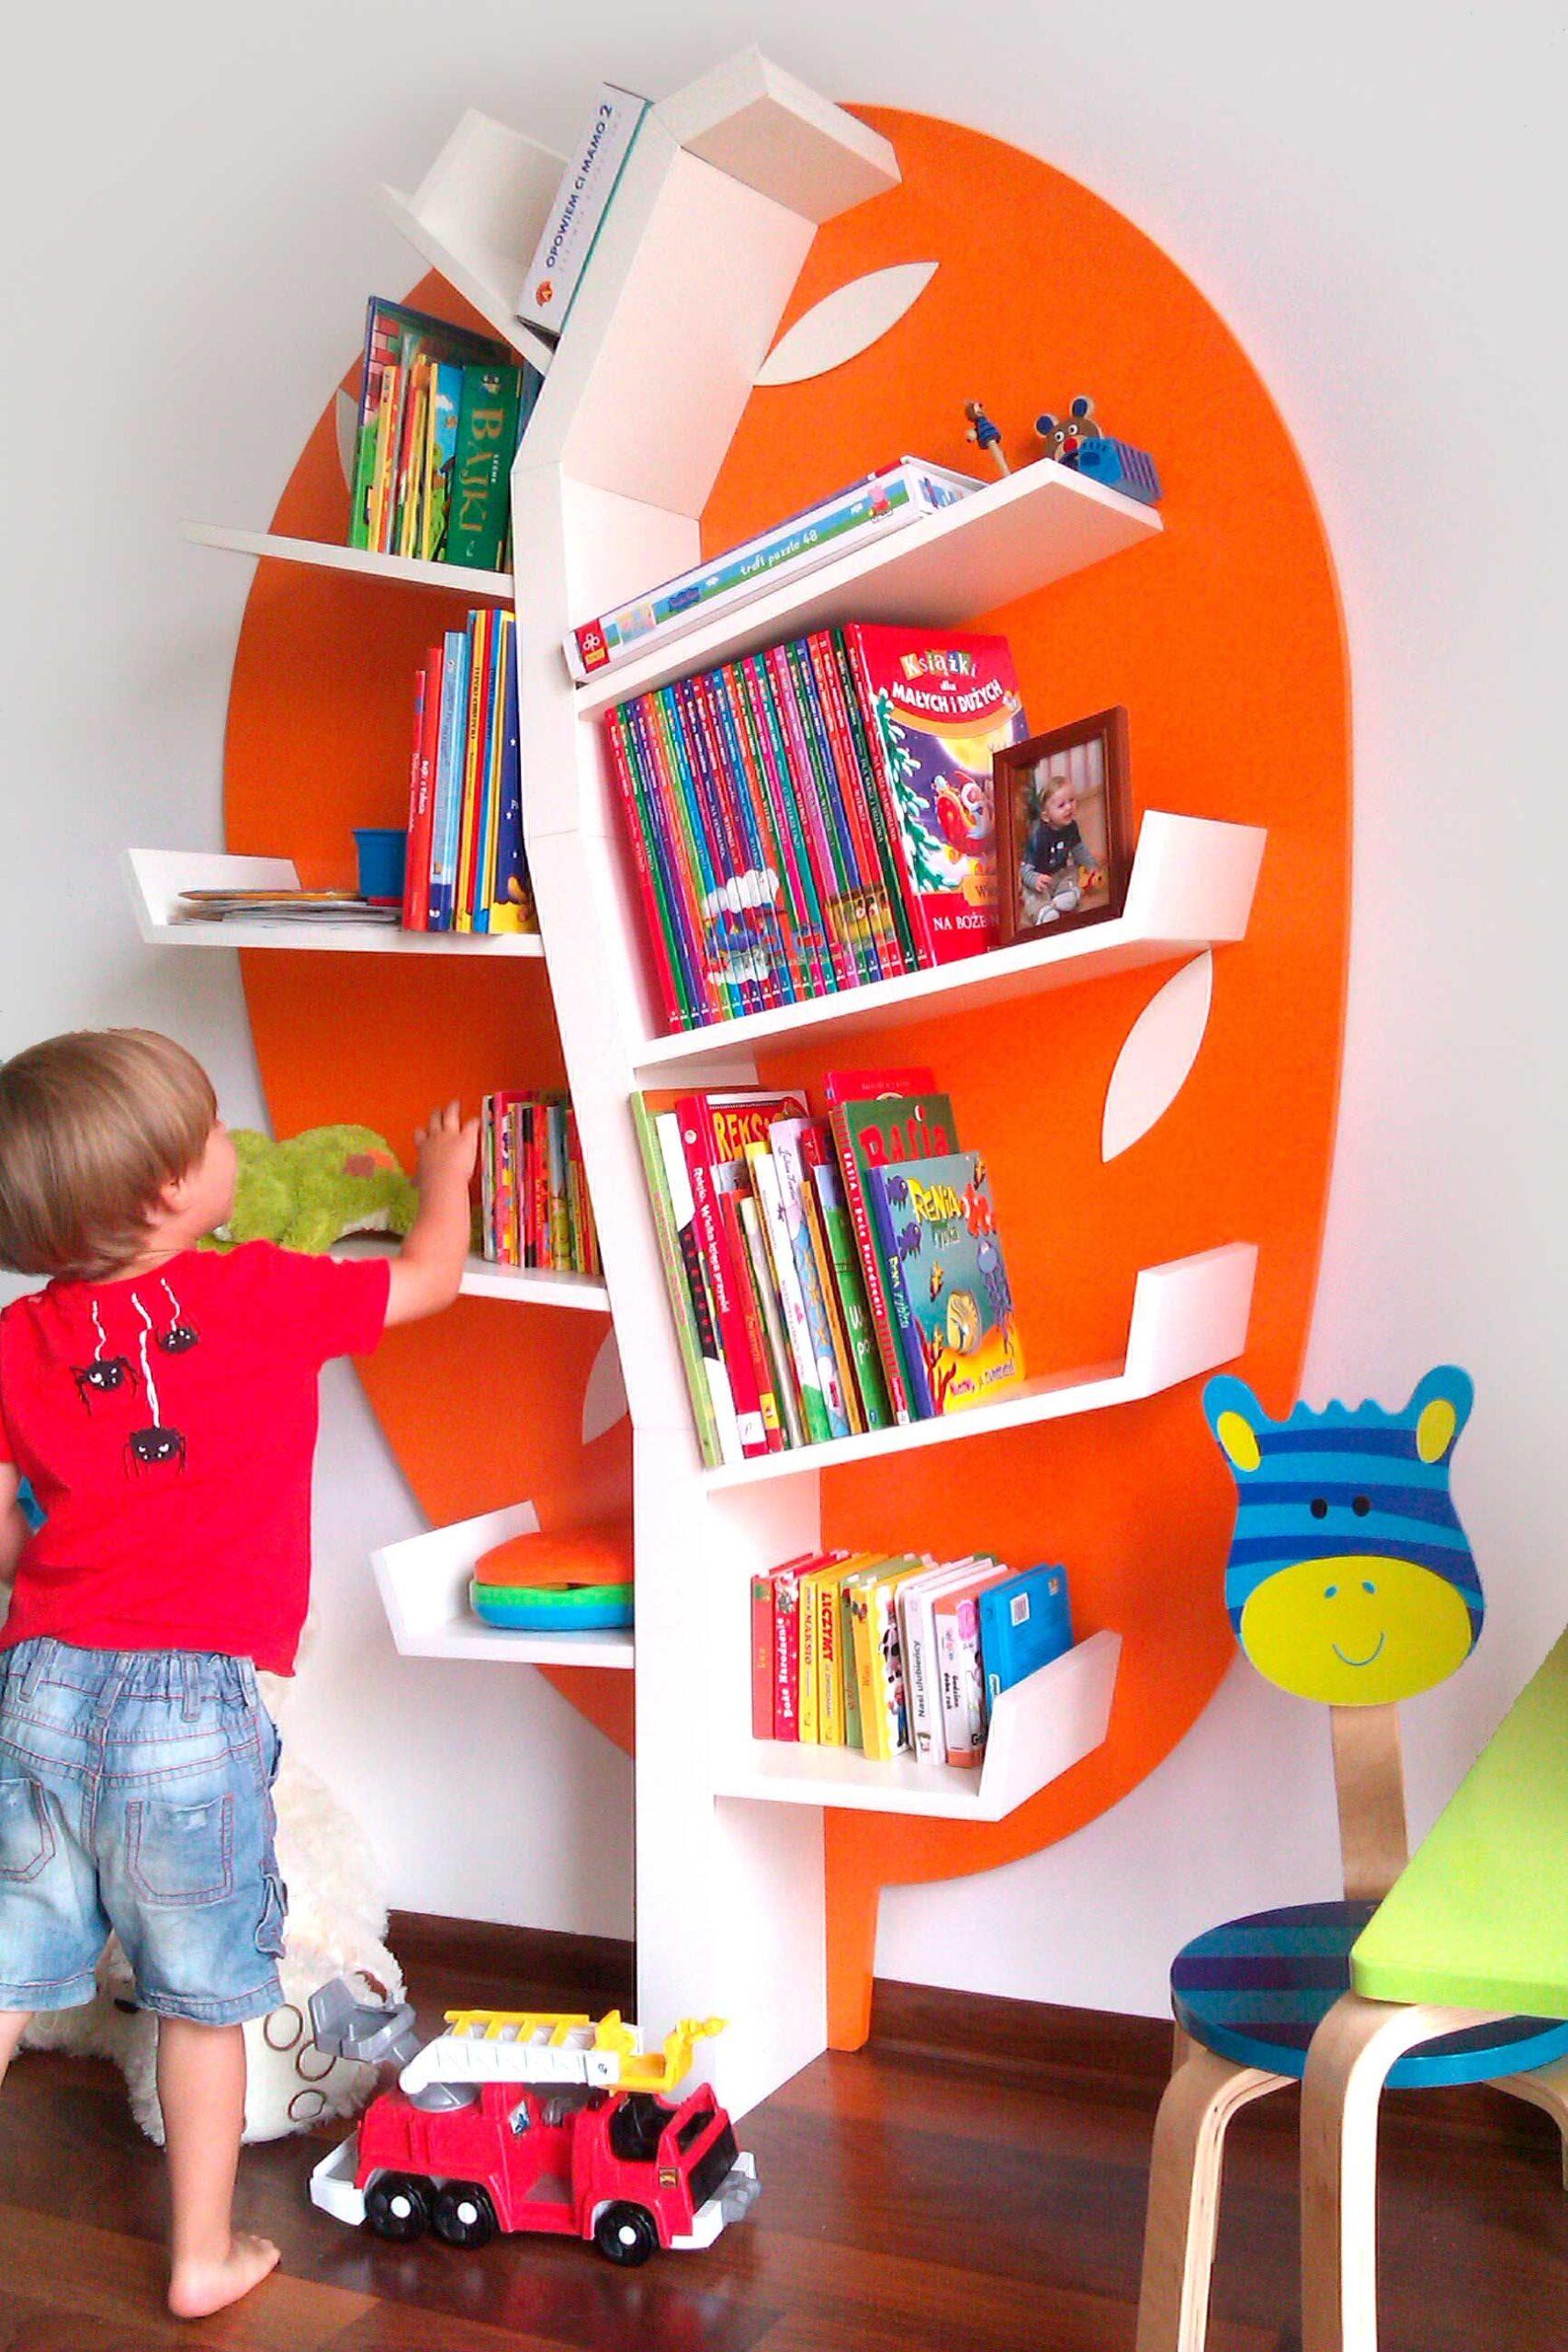 Full Size of Kinderzimmer Bücherregal Bcherregal Baum Plus Regal In Baumform Light Line Weiß Sofa Regale Kinderzimmer Kinderzimmer Bücherregal